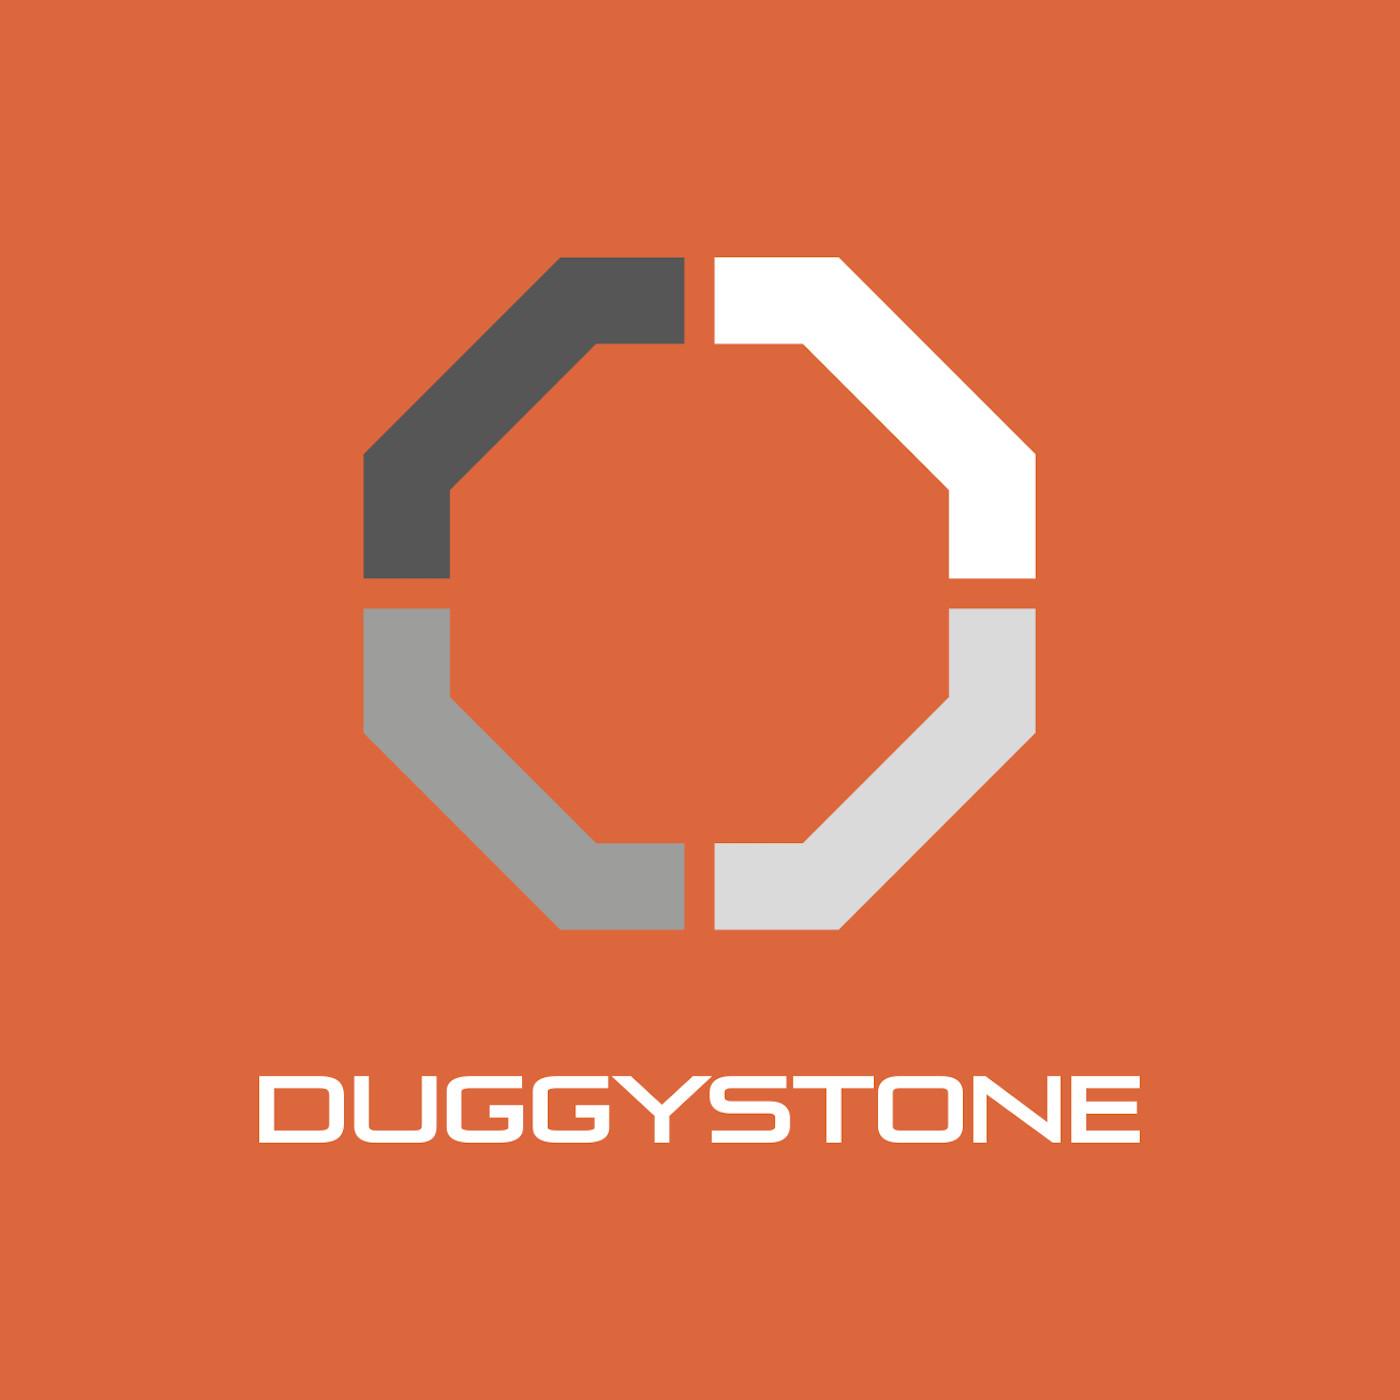 kirkpickstone@duggystone.com